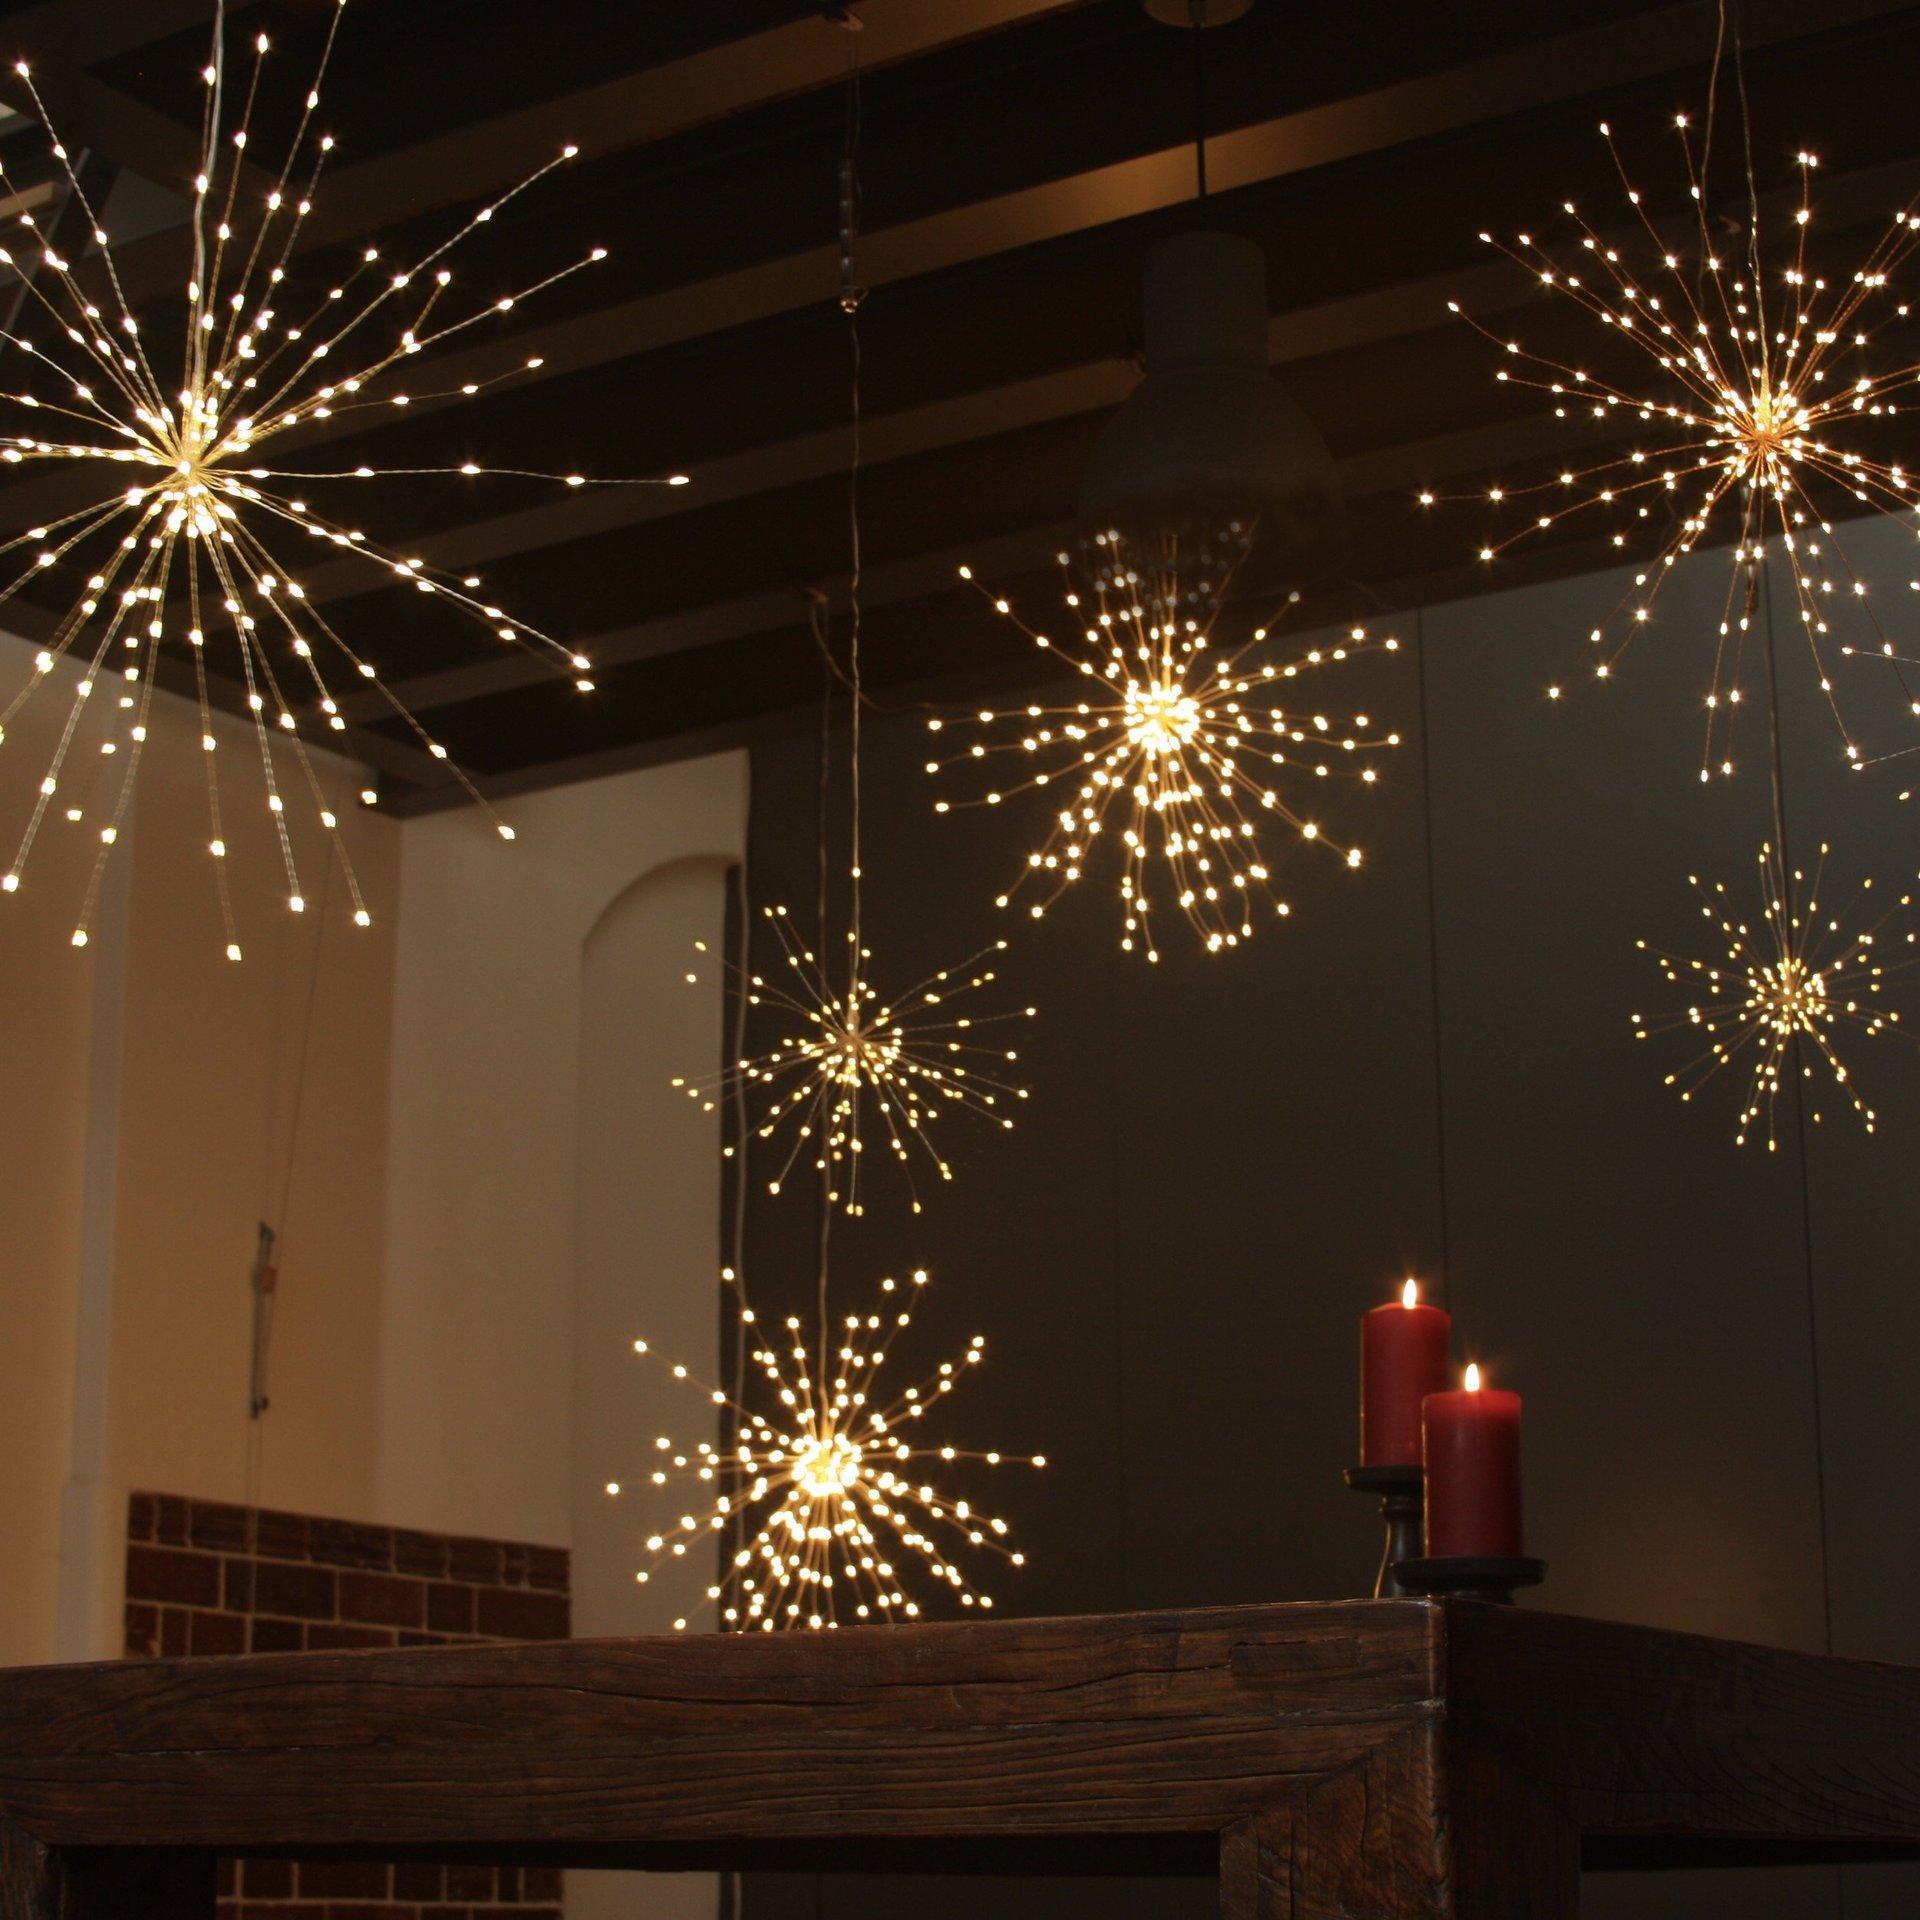 Feuerwerk solar lichterketten 200 led solar lampe 8 modus led lichter fernbedienung dekoration weihnachten licht für party weihnachten gga2519